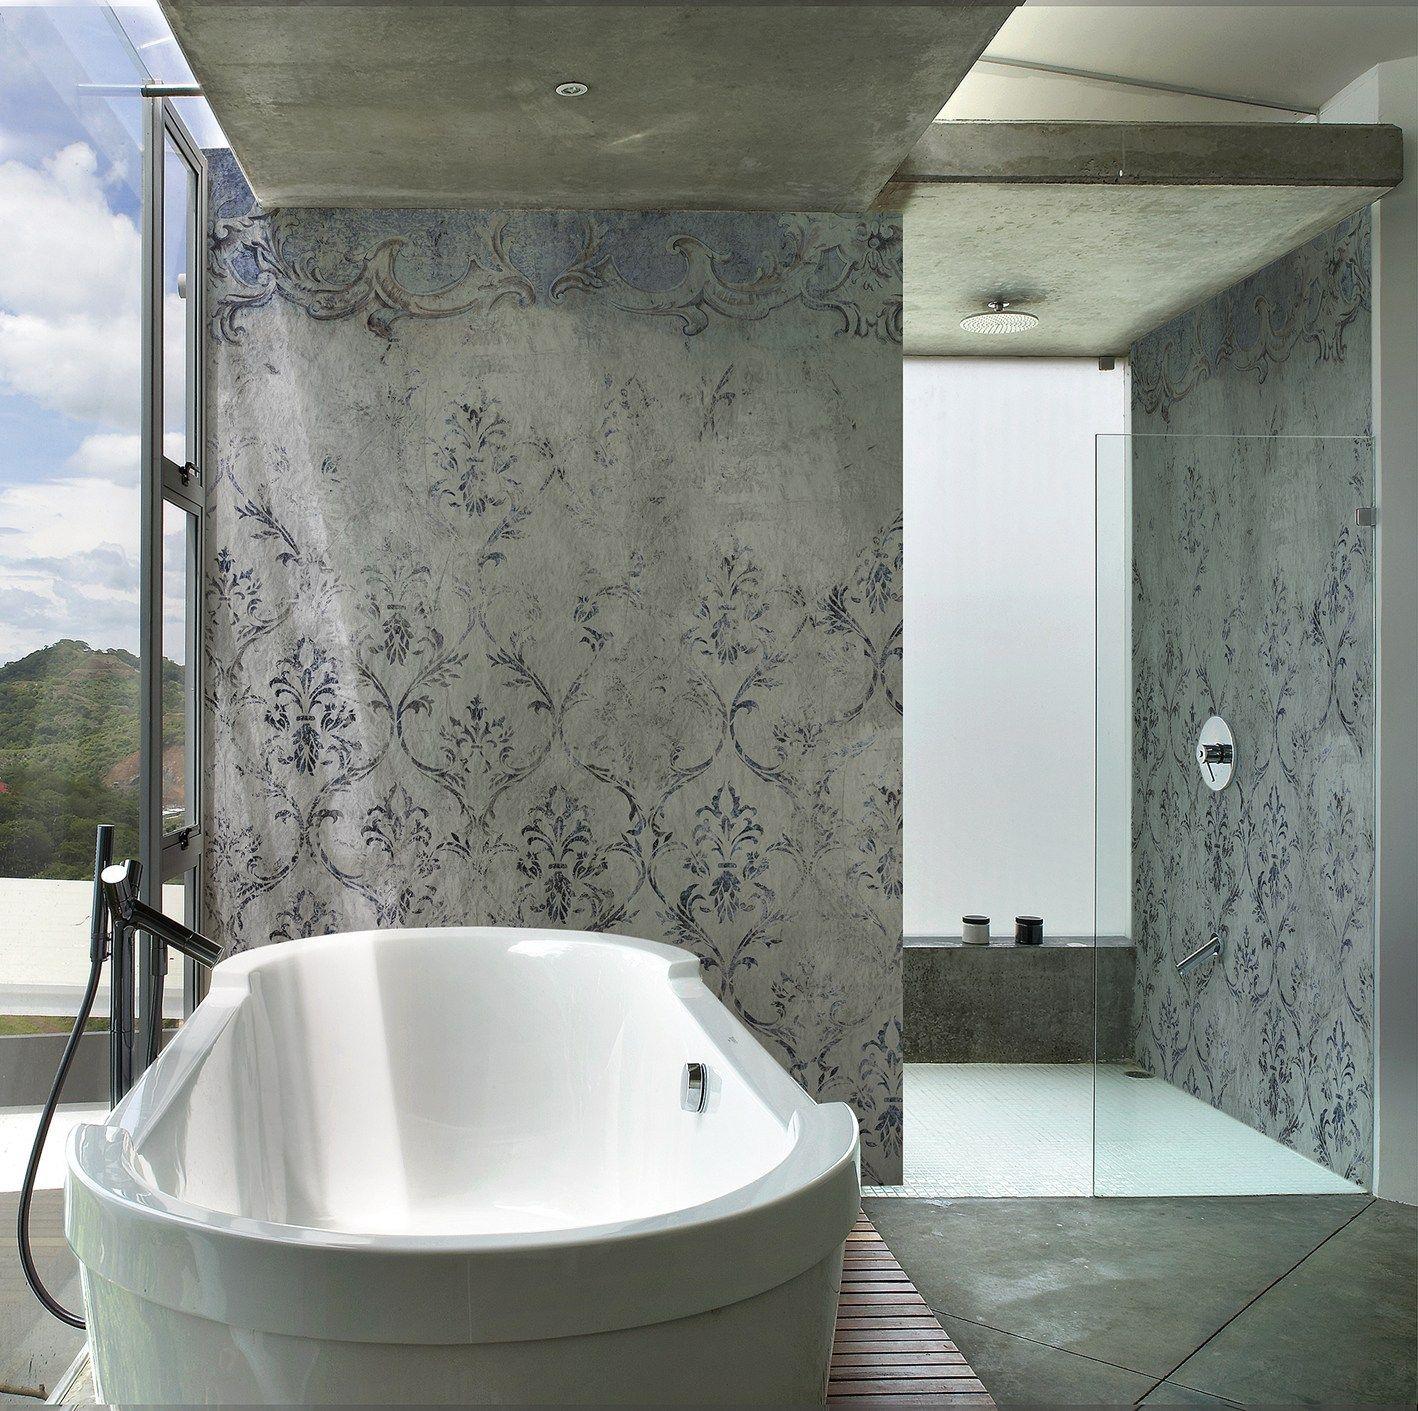 Die Fugenlose Dusche Edel Und Tres Chic Fugenlose Dusche Deko Wand Dusche